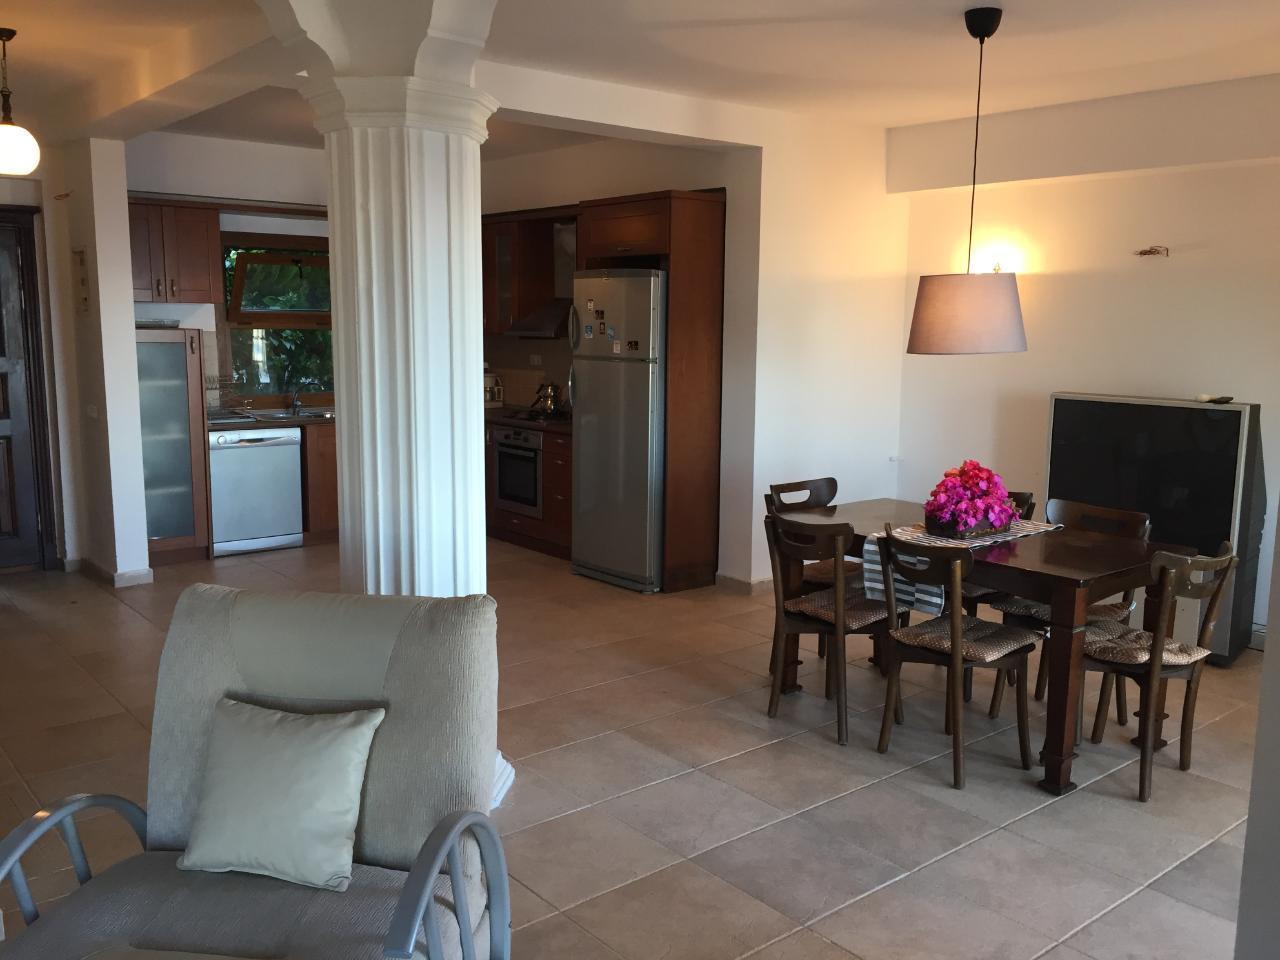 Maison de vacances Ferienvilla mit privatem Pool in Bodrum (2607628), Yalıkavak, , Région Egéenne, Turquie, image 16